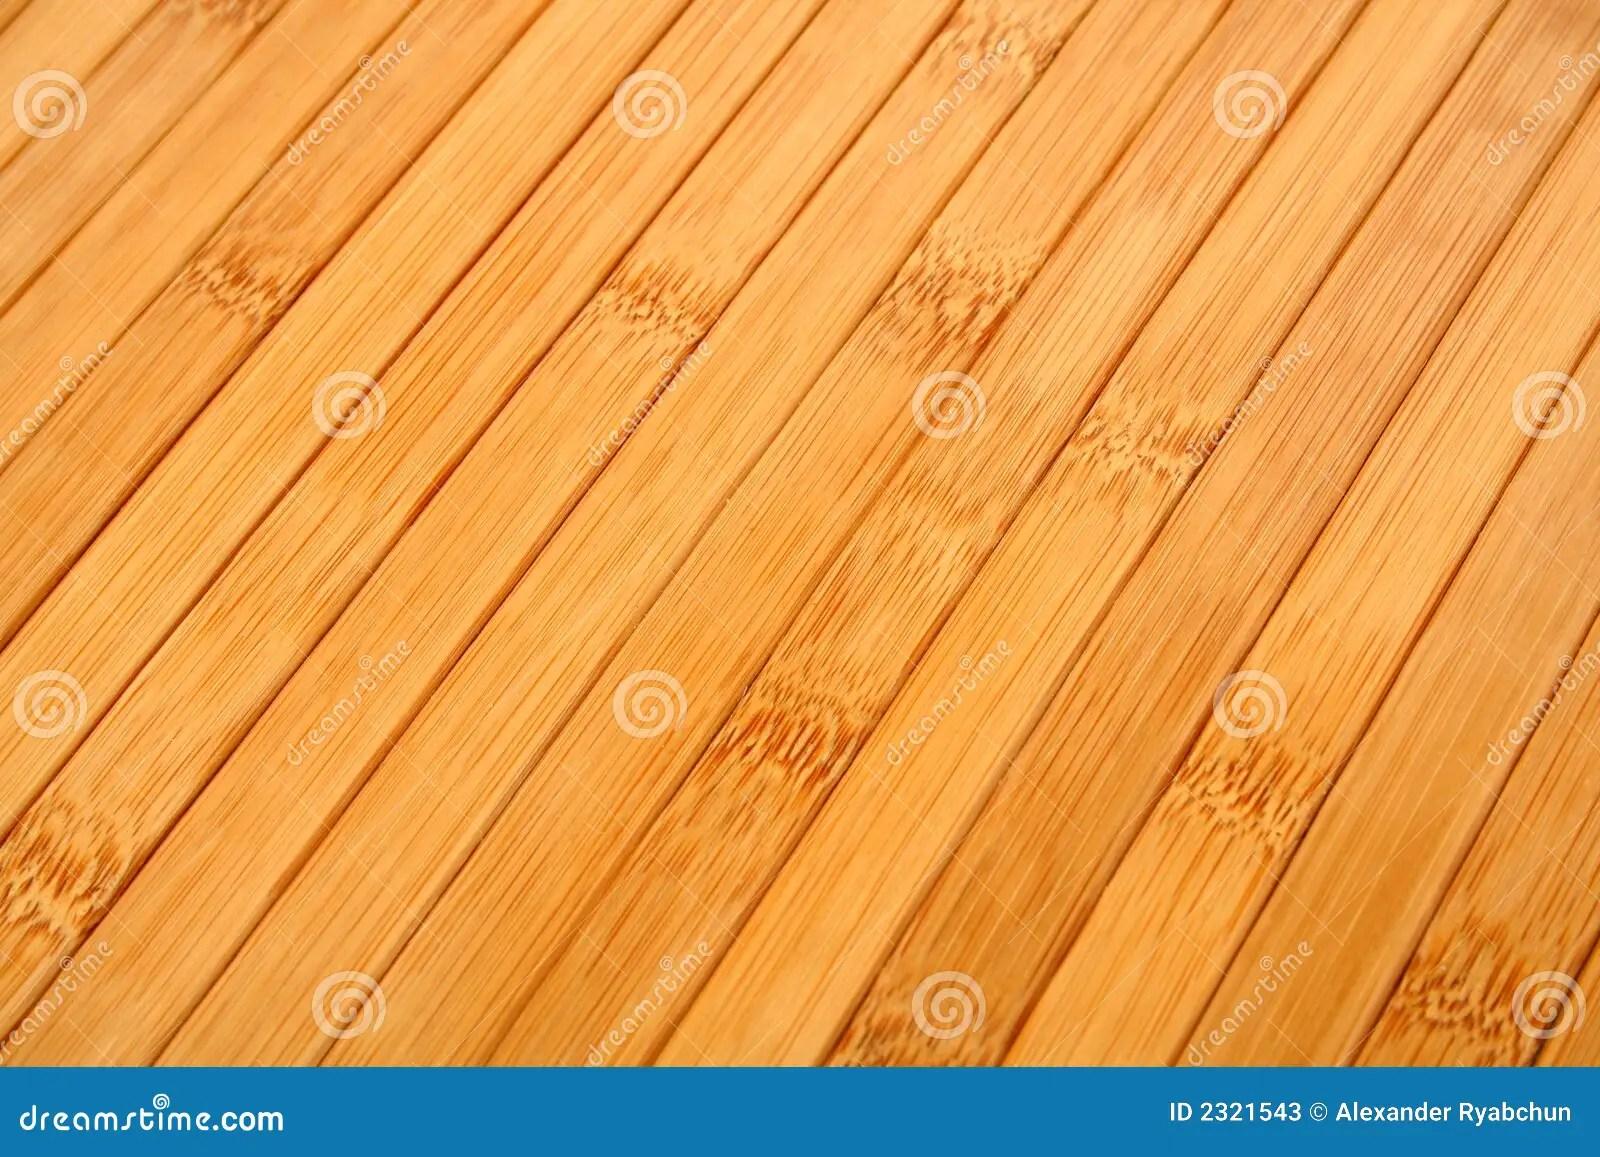 Holz Teppich Die Aktuellen Boden Trends Tradition Trifft Moderne